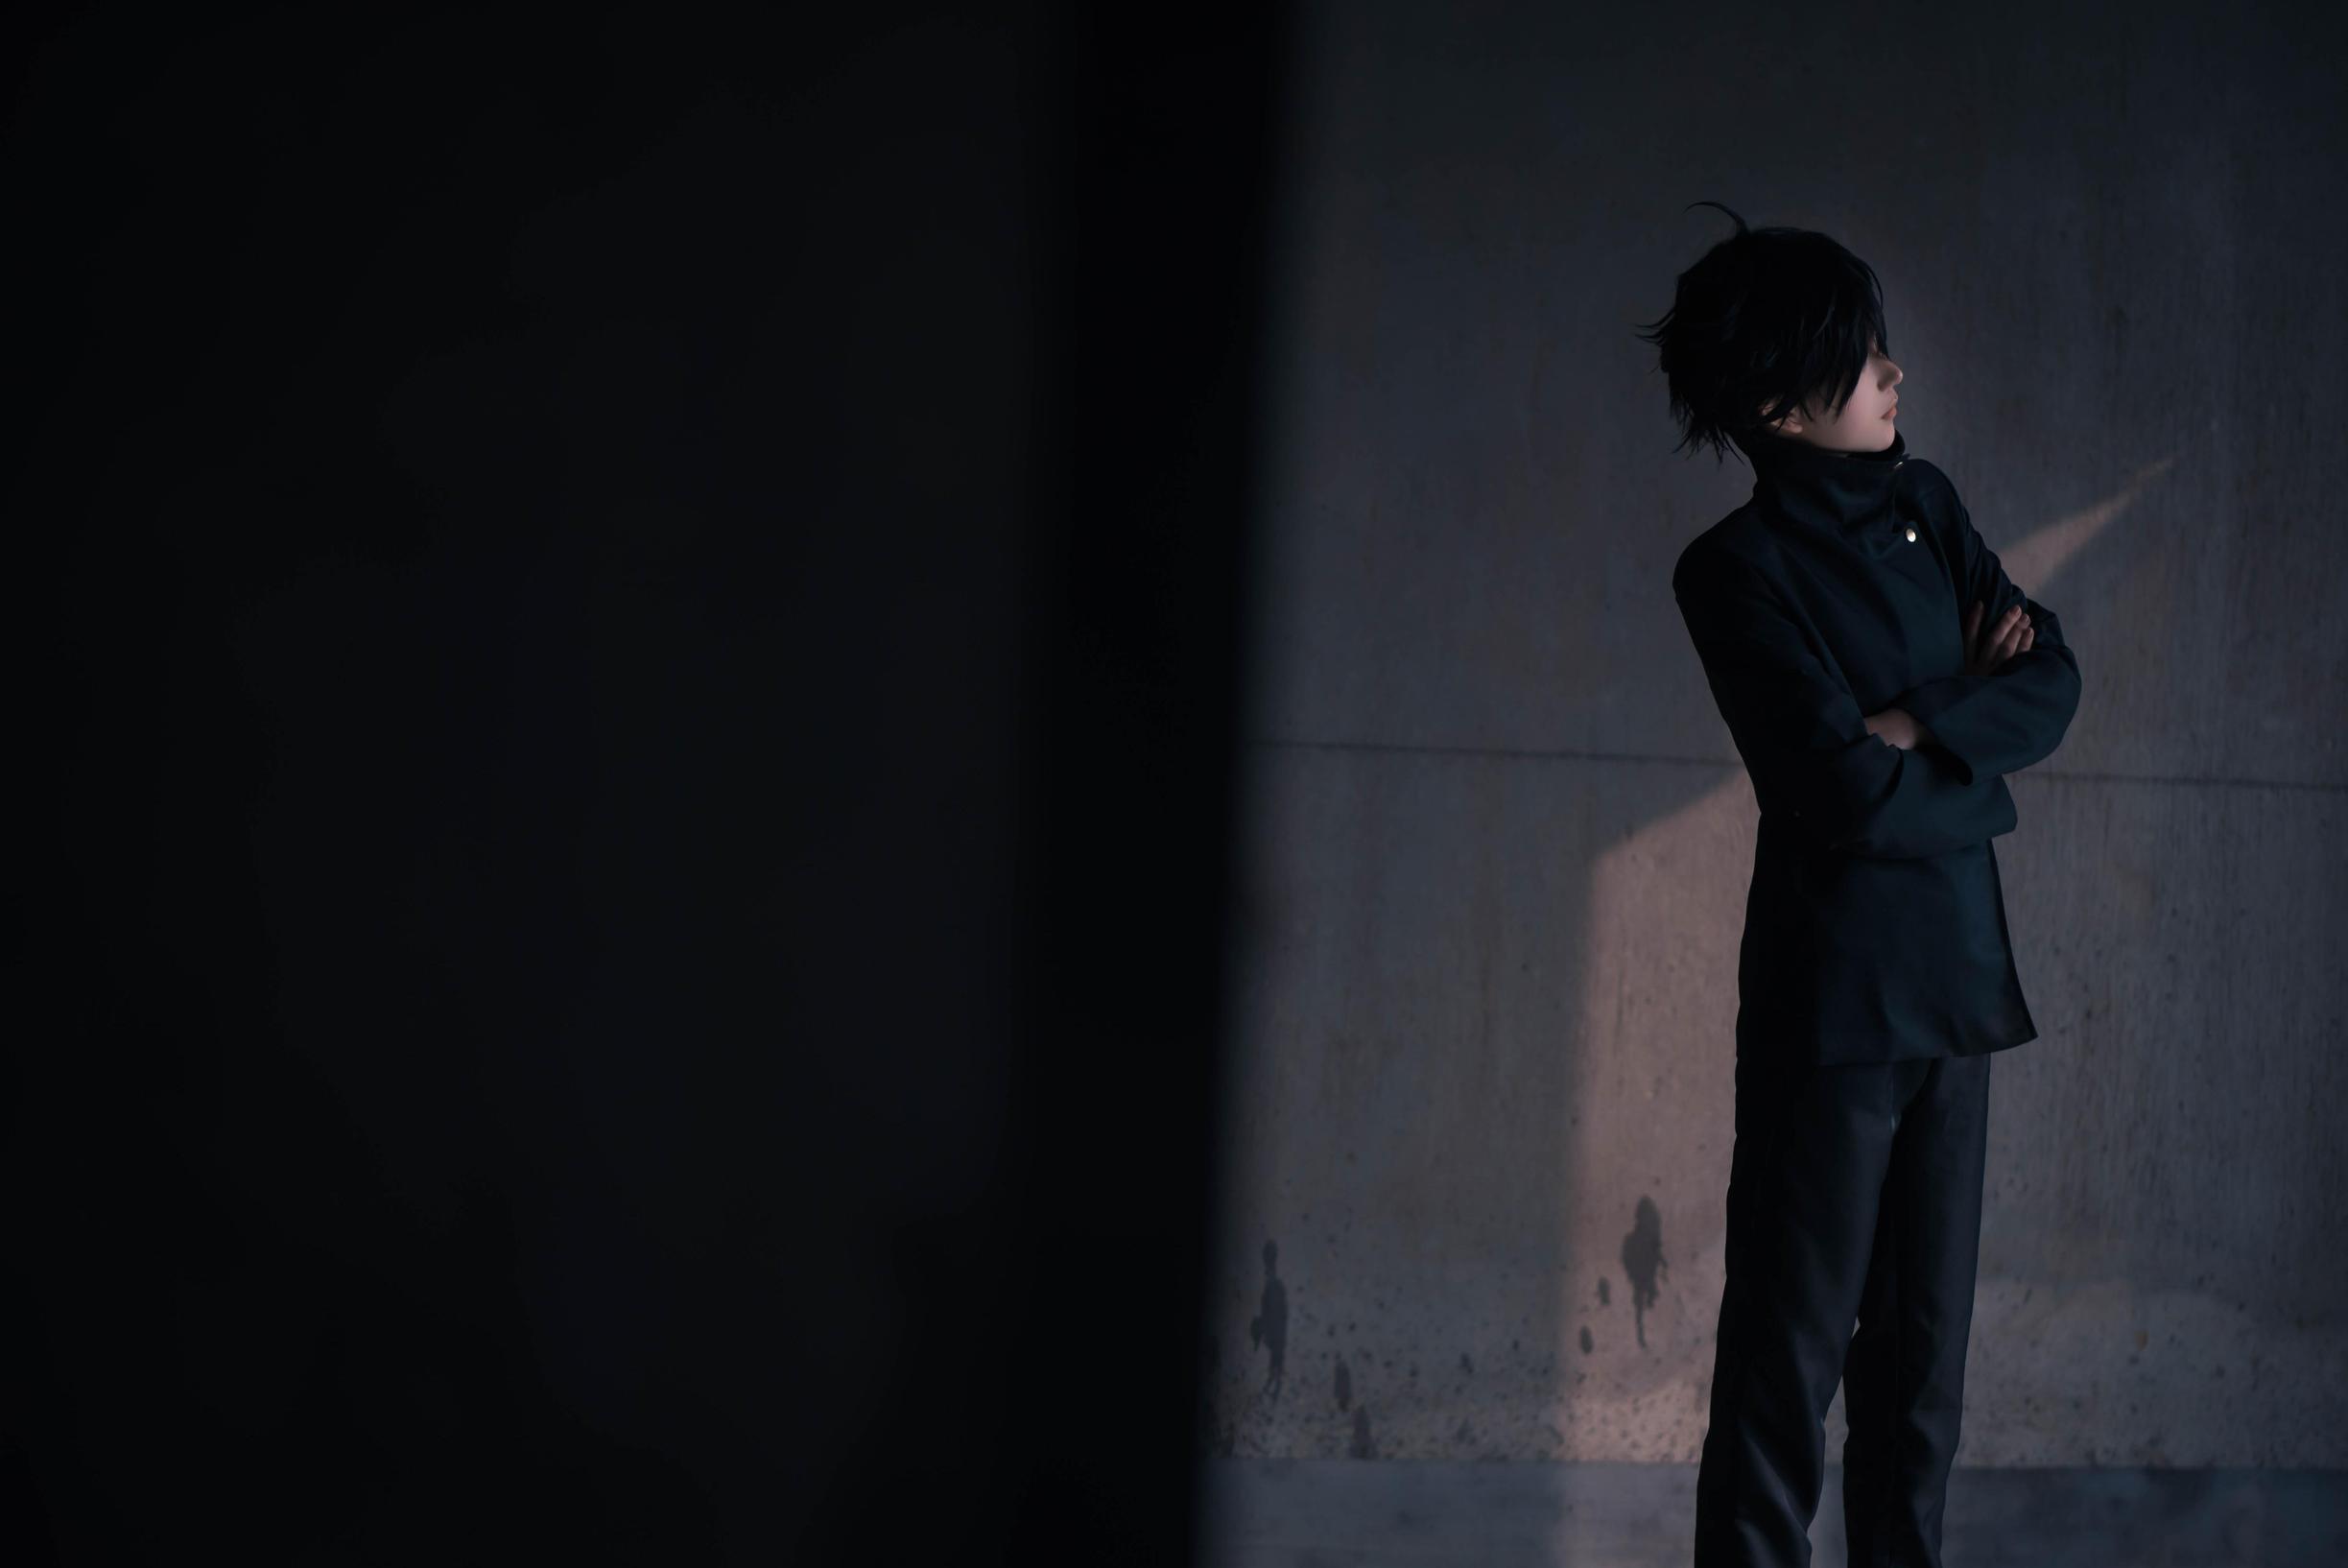 《咒术回战》推荐cosplay【CN:物部弥生】-第3张